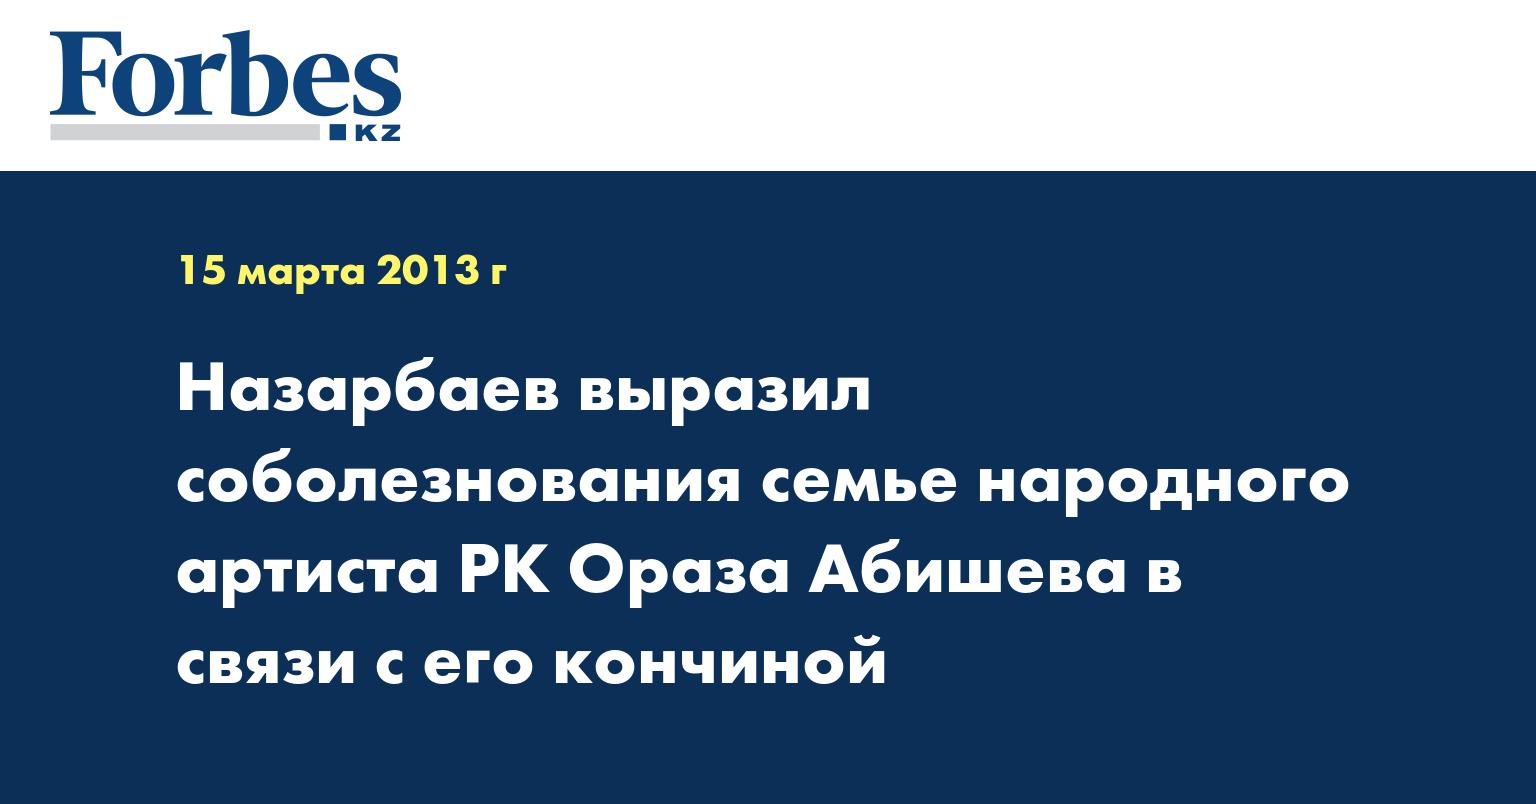 Назарбаев выразил соболезнования семье народного артиста РК Ораза Абишева в связи с его кончиной